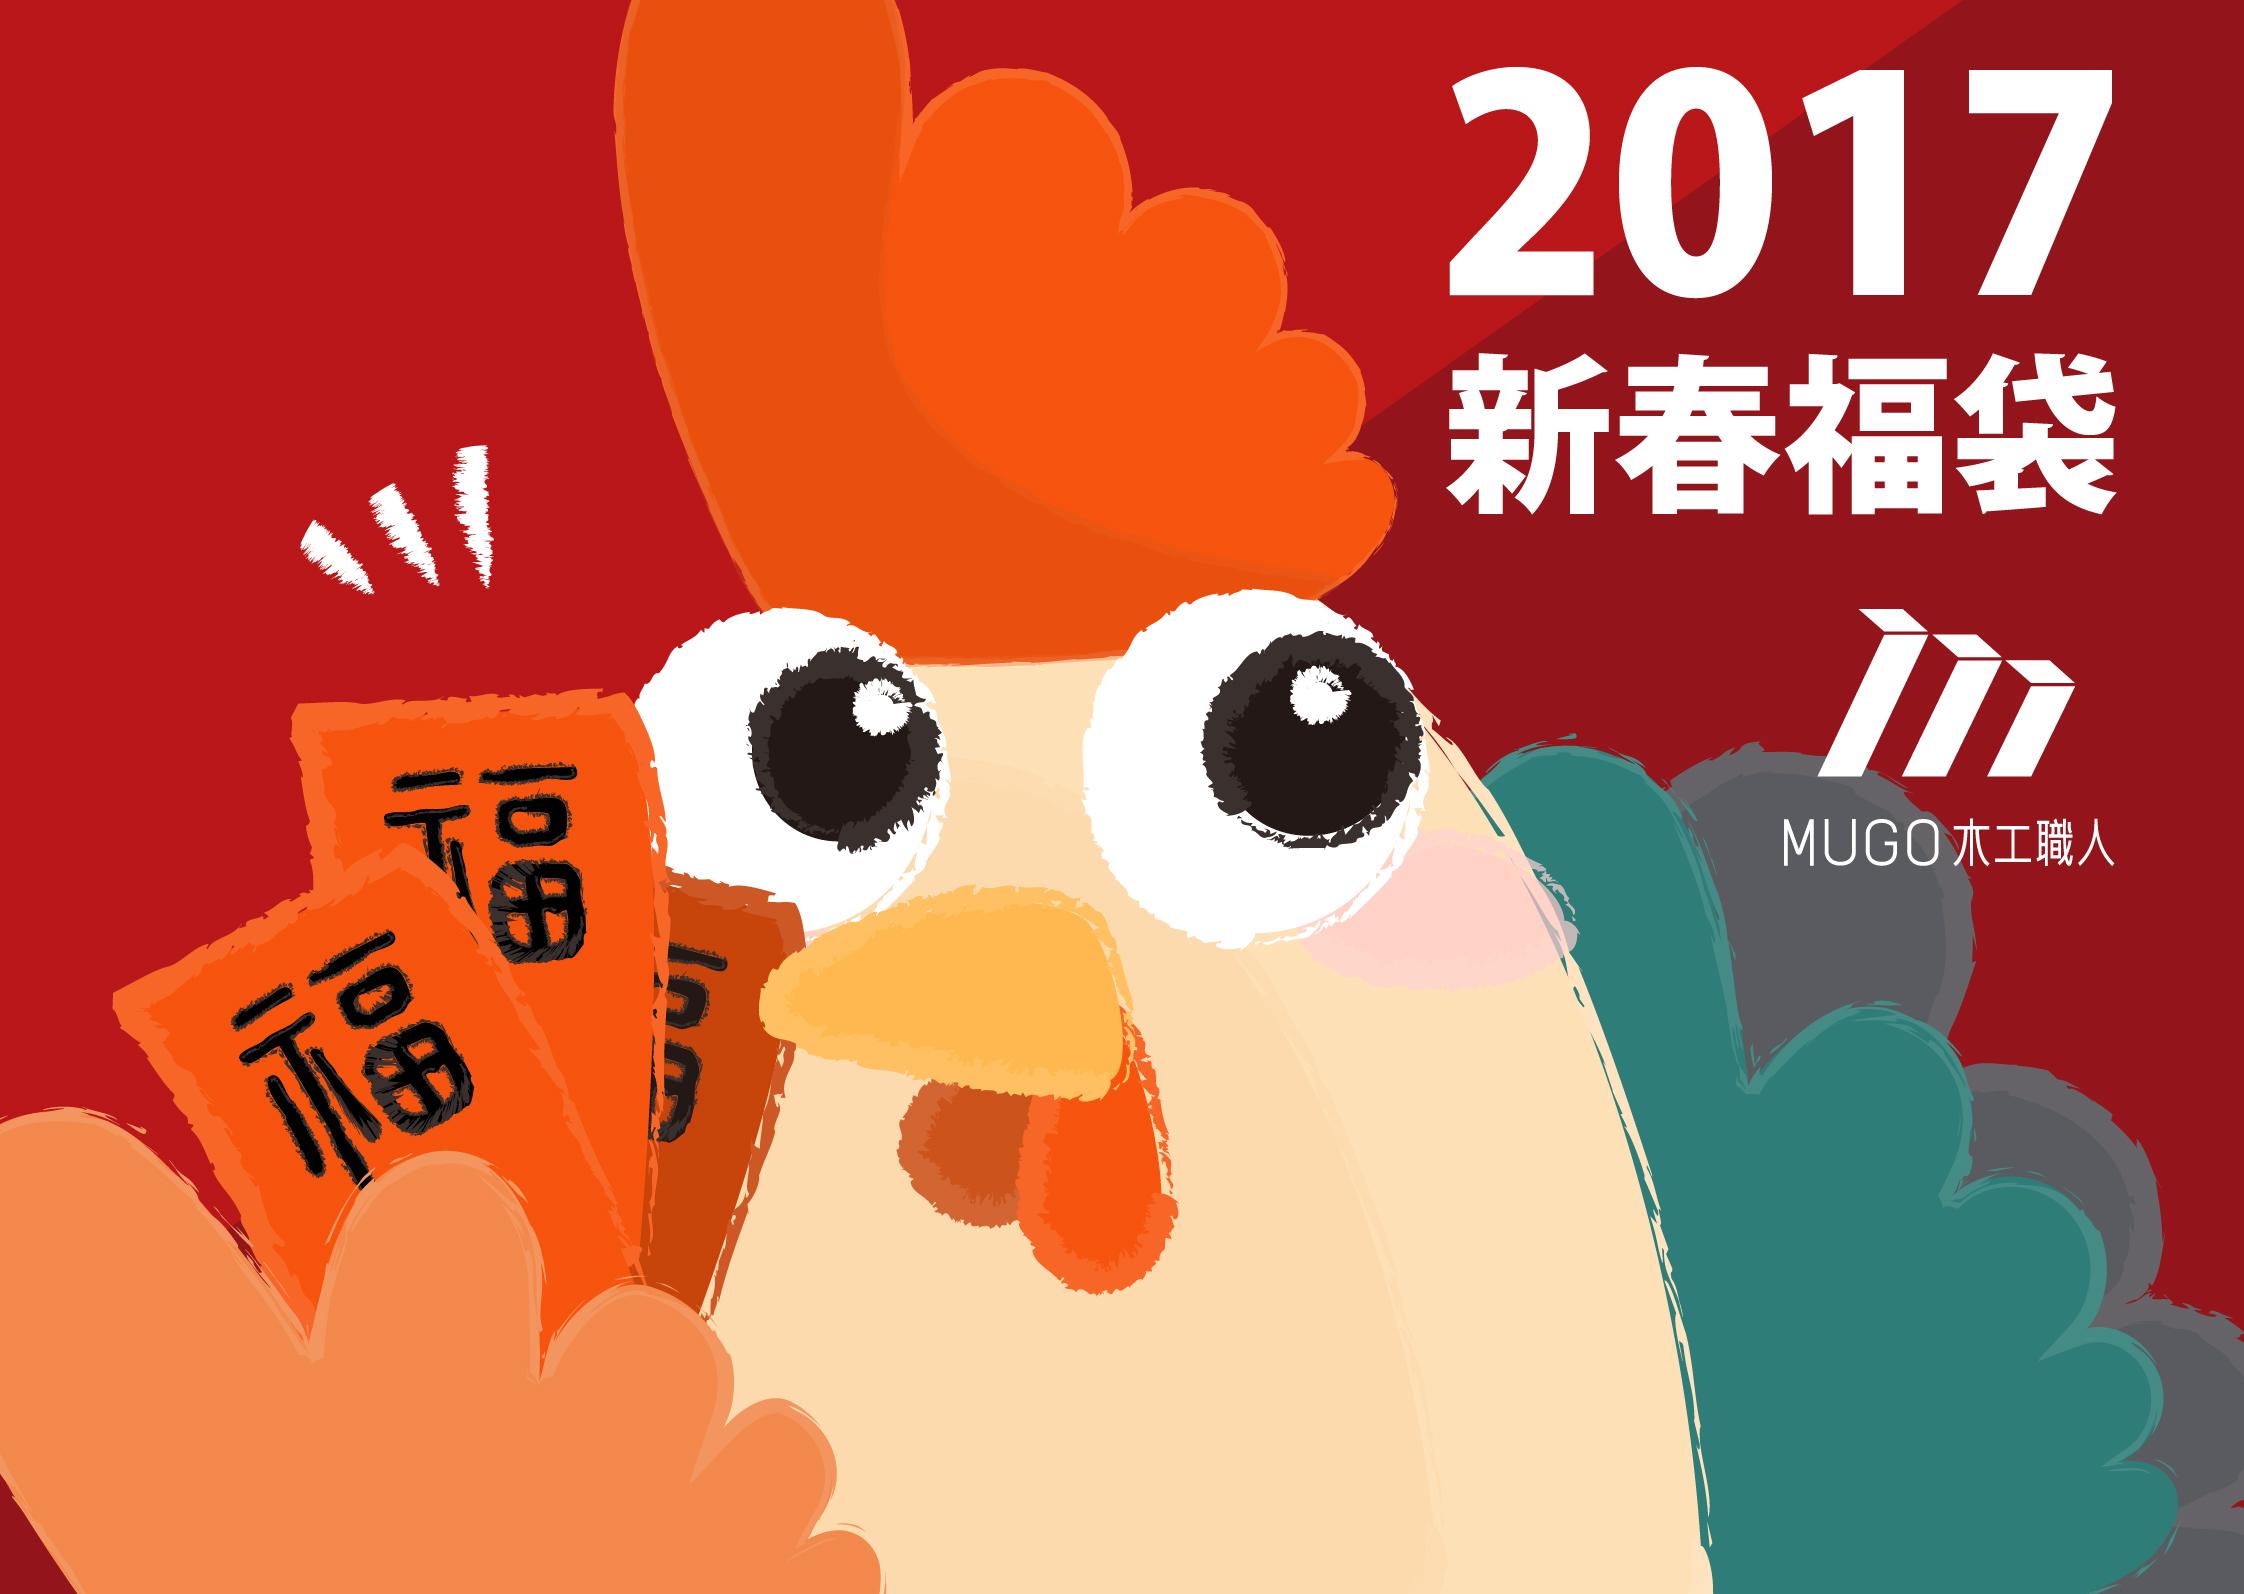 2017年新春福袋【106.2.3中獎名單更新】